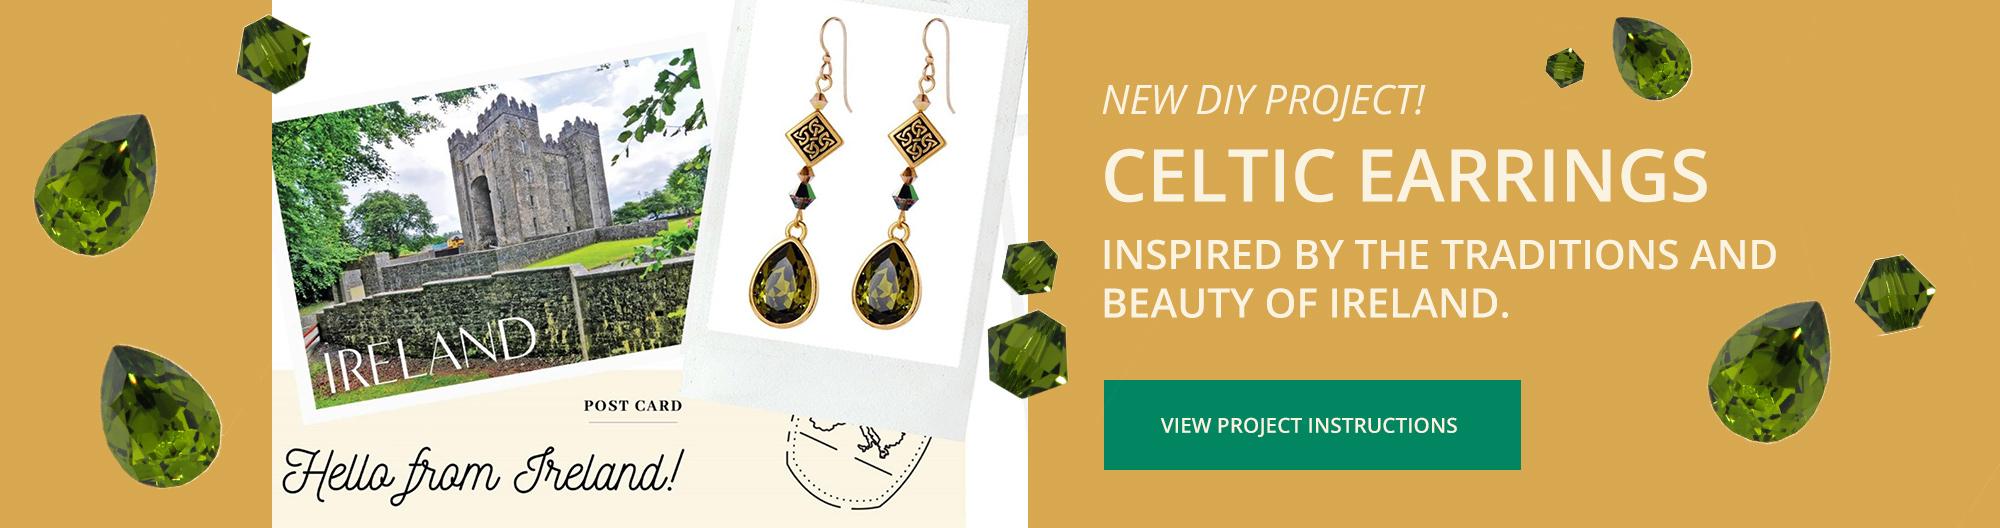 Swarovski DIY Project - Celtic Earrings